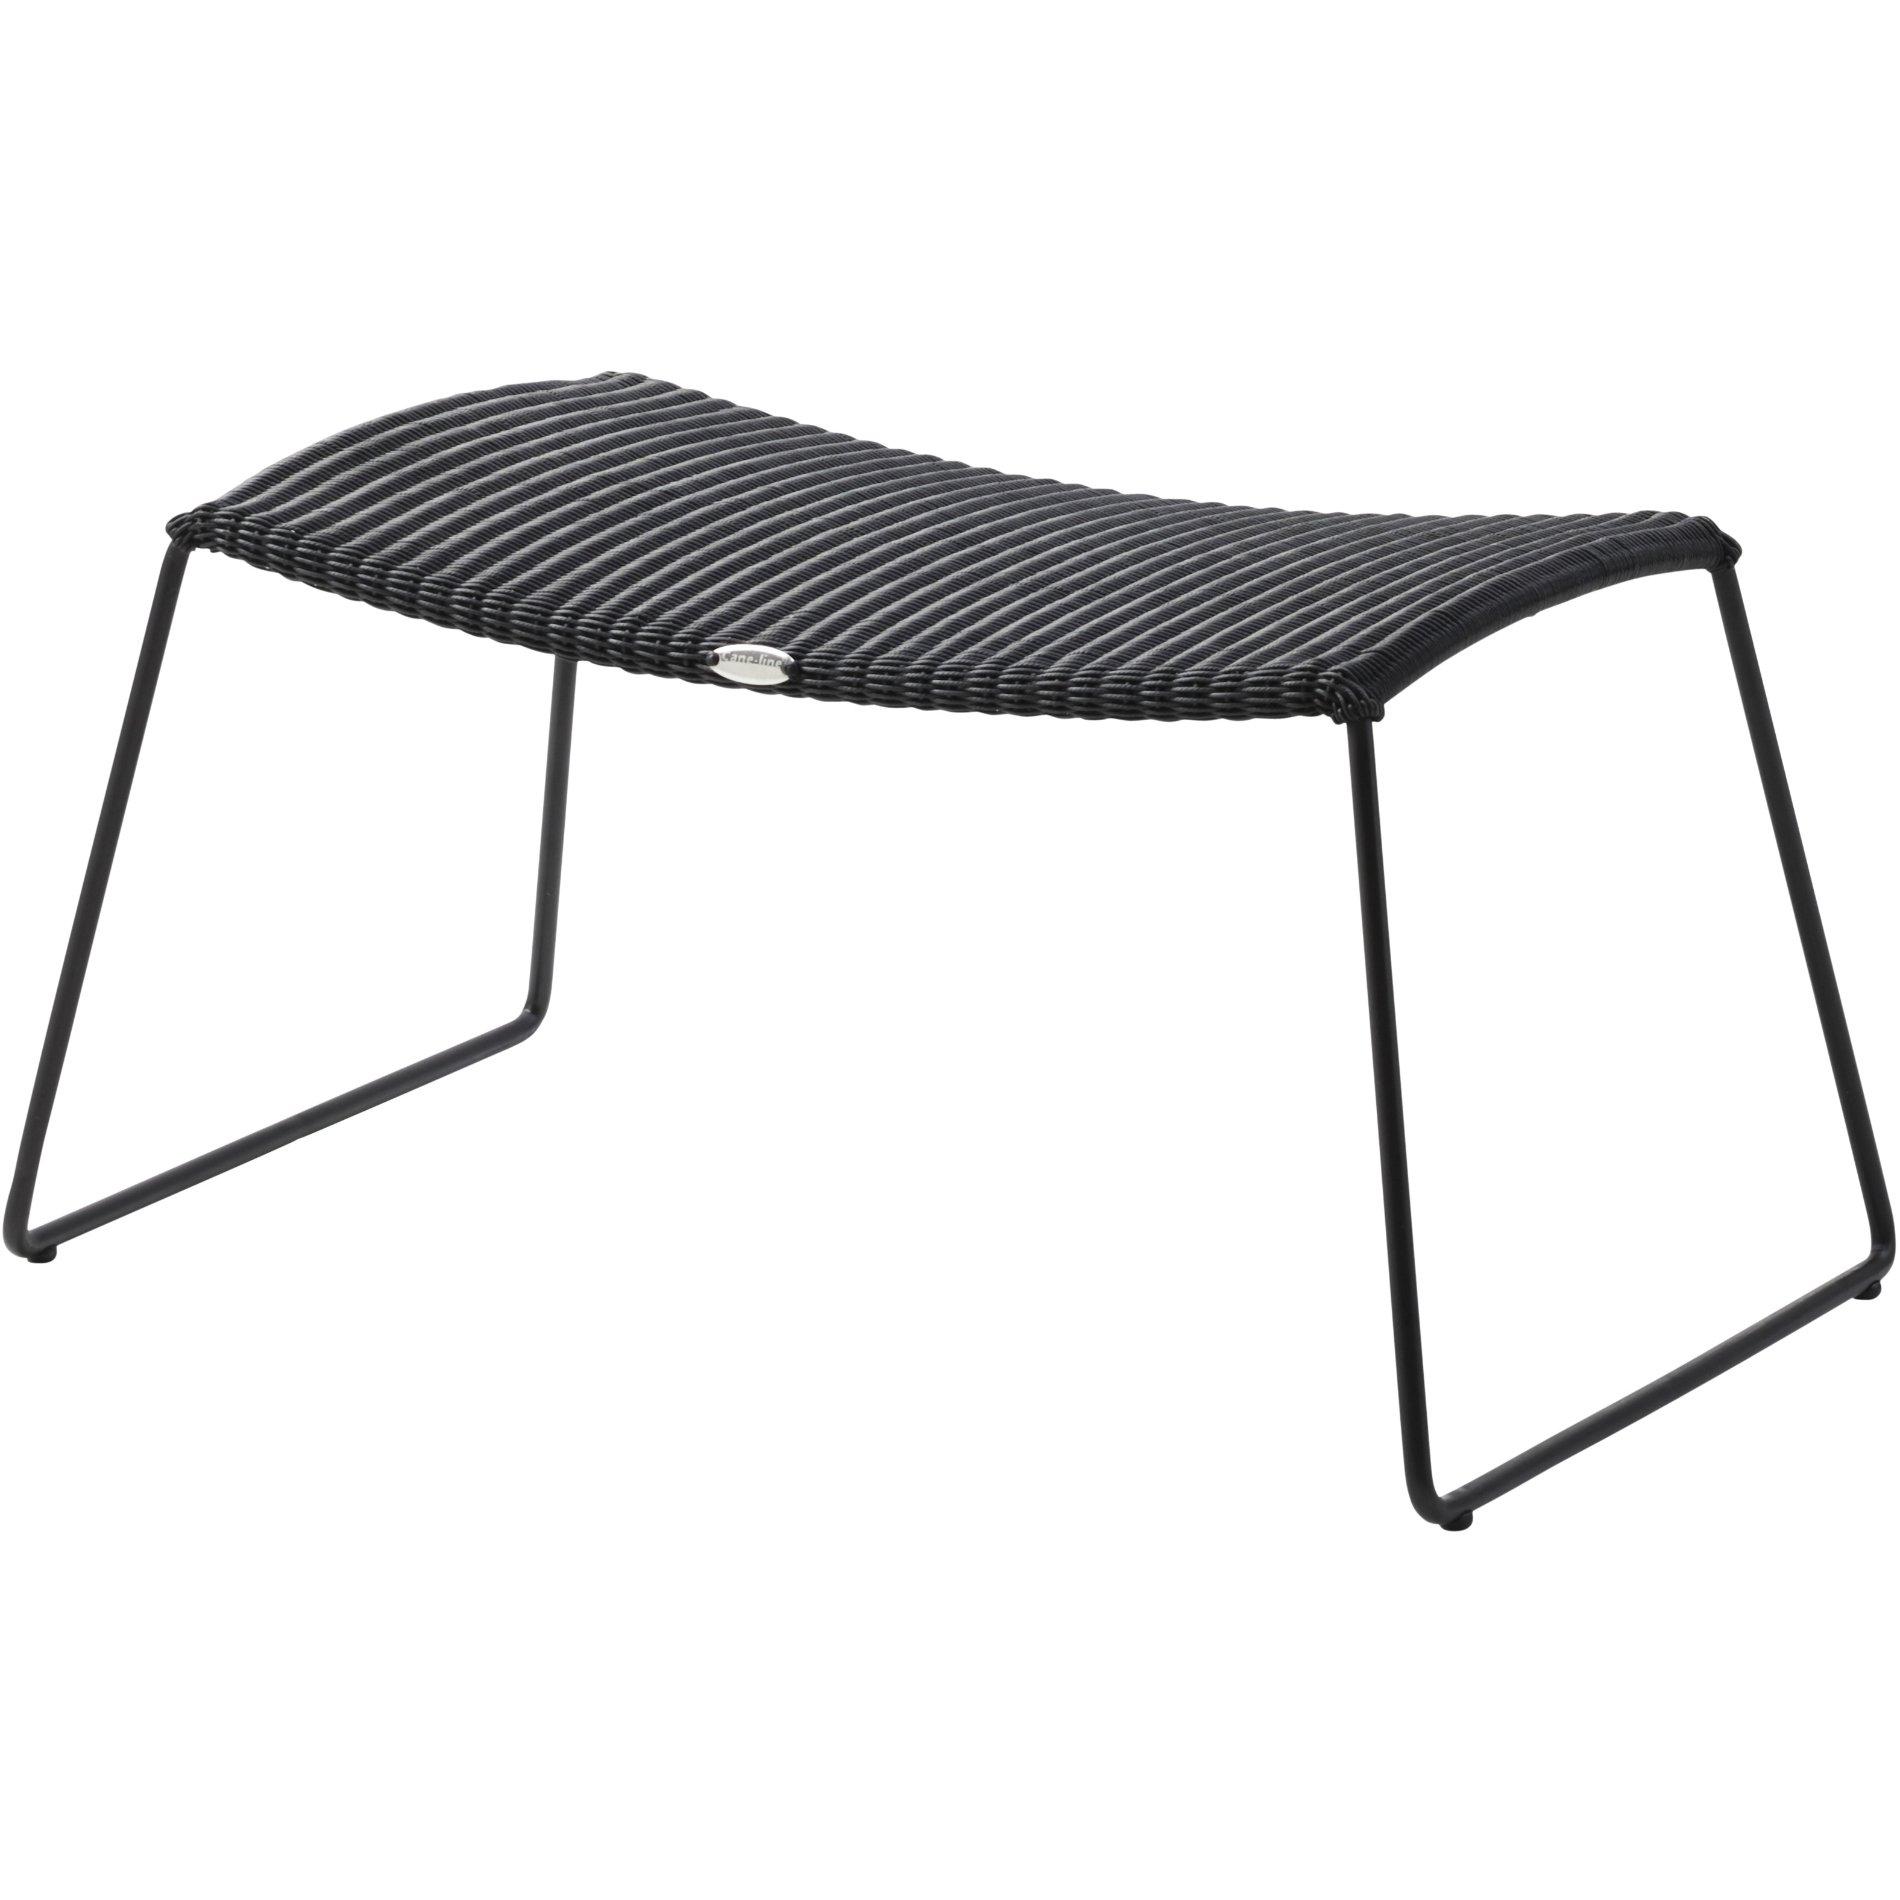 cane line breeze gartenhocker. Black Bedroom Furniture Sets. Home Design Ideas